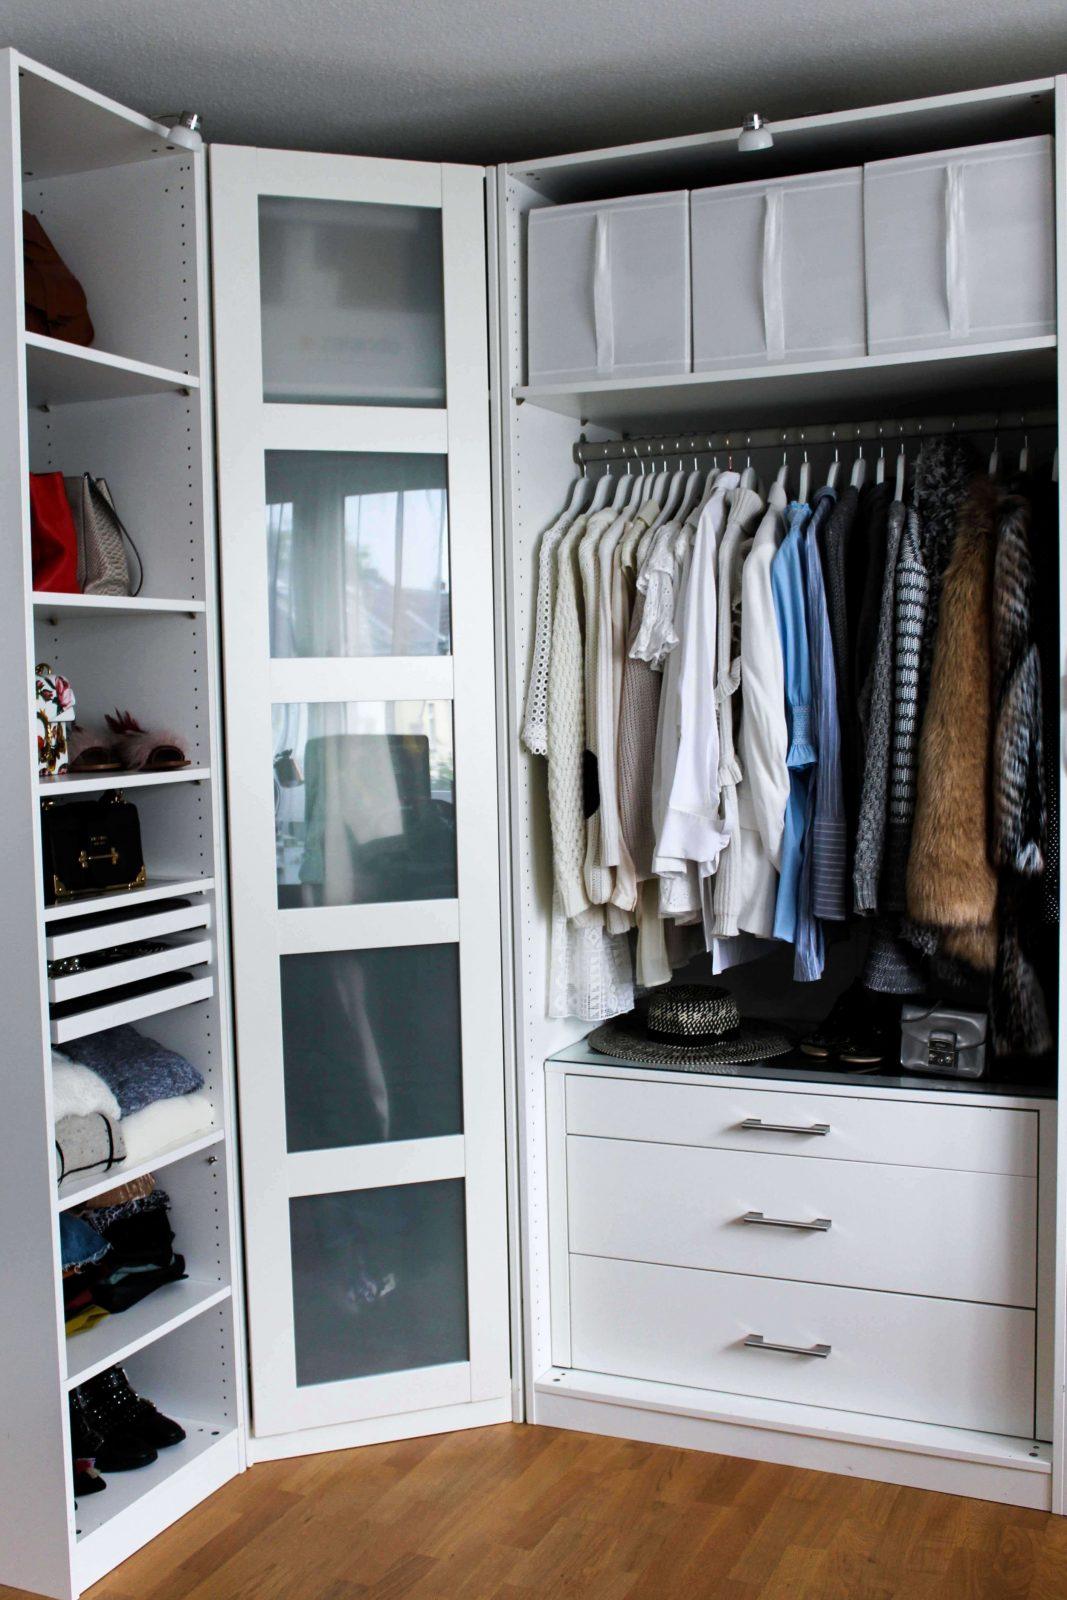 Schlafzimmer Ideen Ikea Neu Kleiderschrank Erstellen Ikea von Schlafzimmer Kleiderschrank Ideen Bild